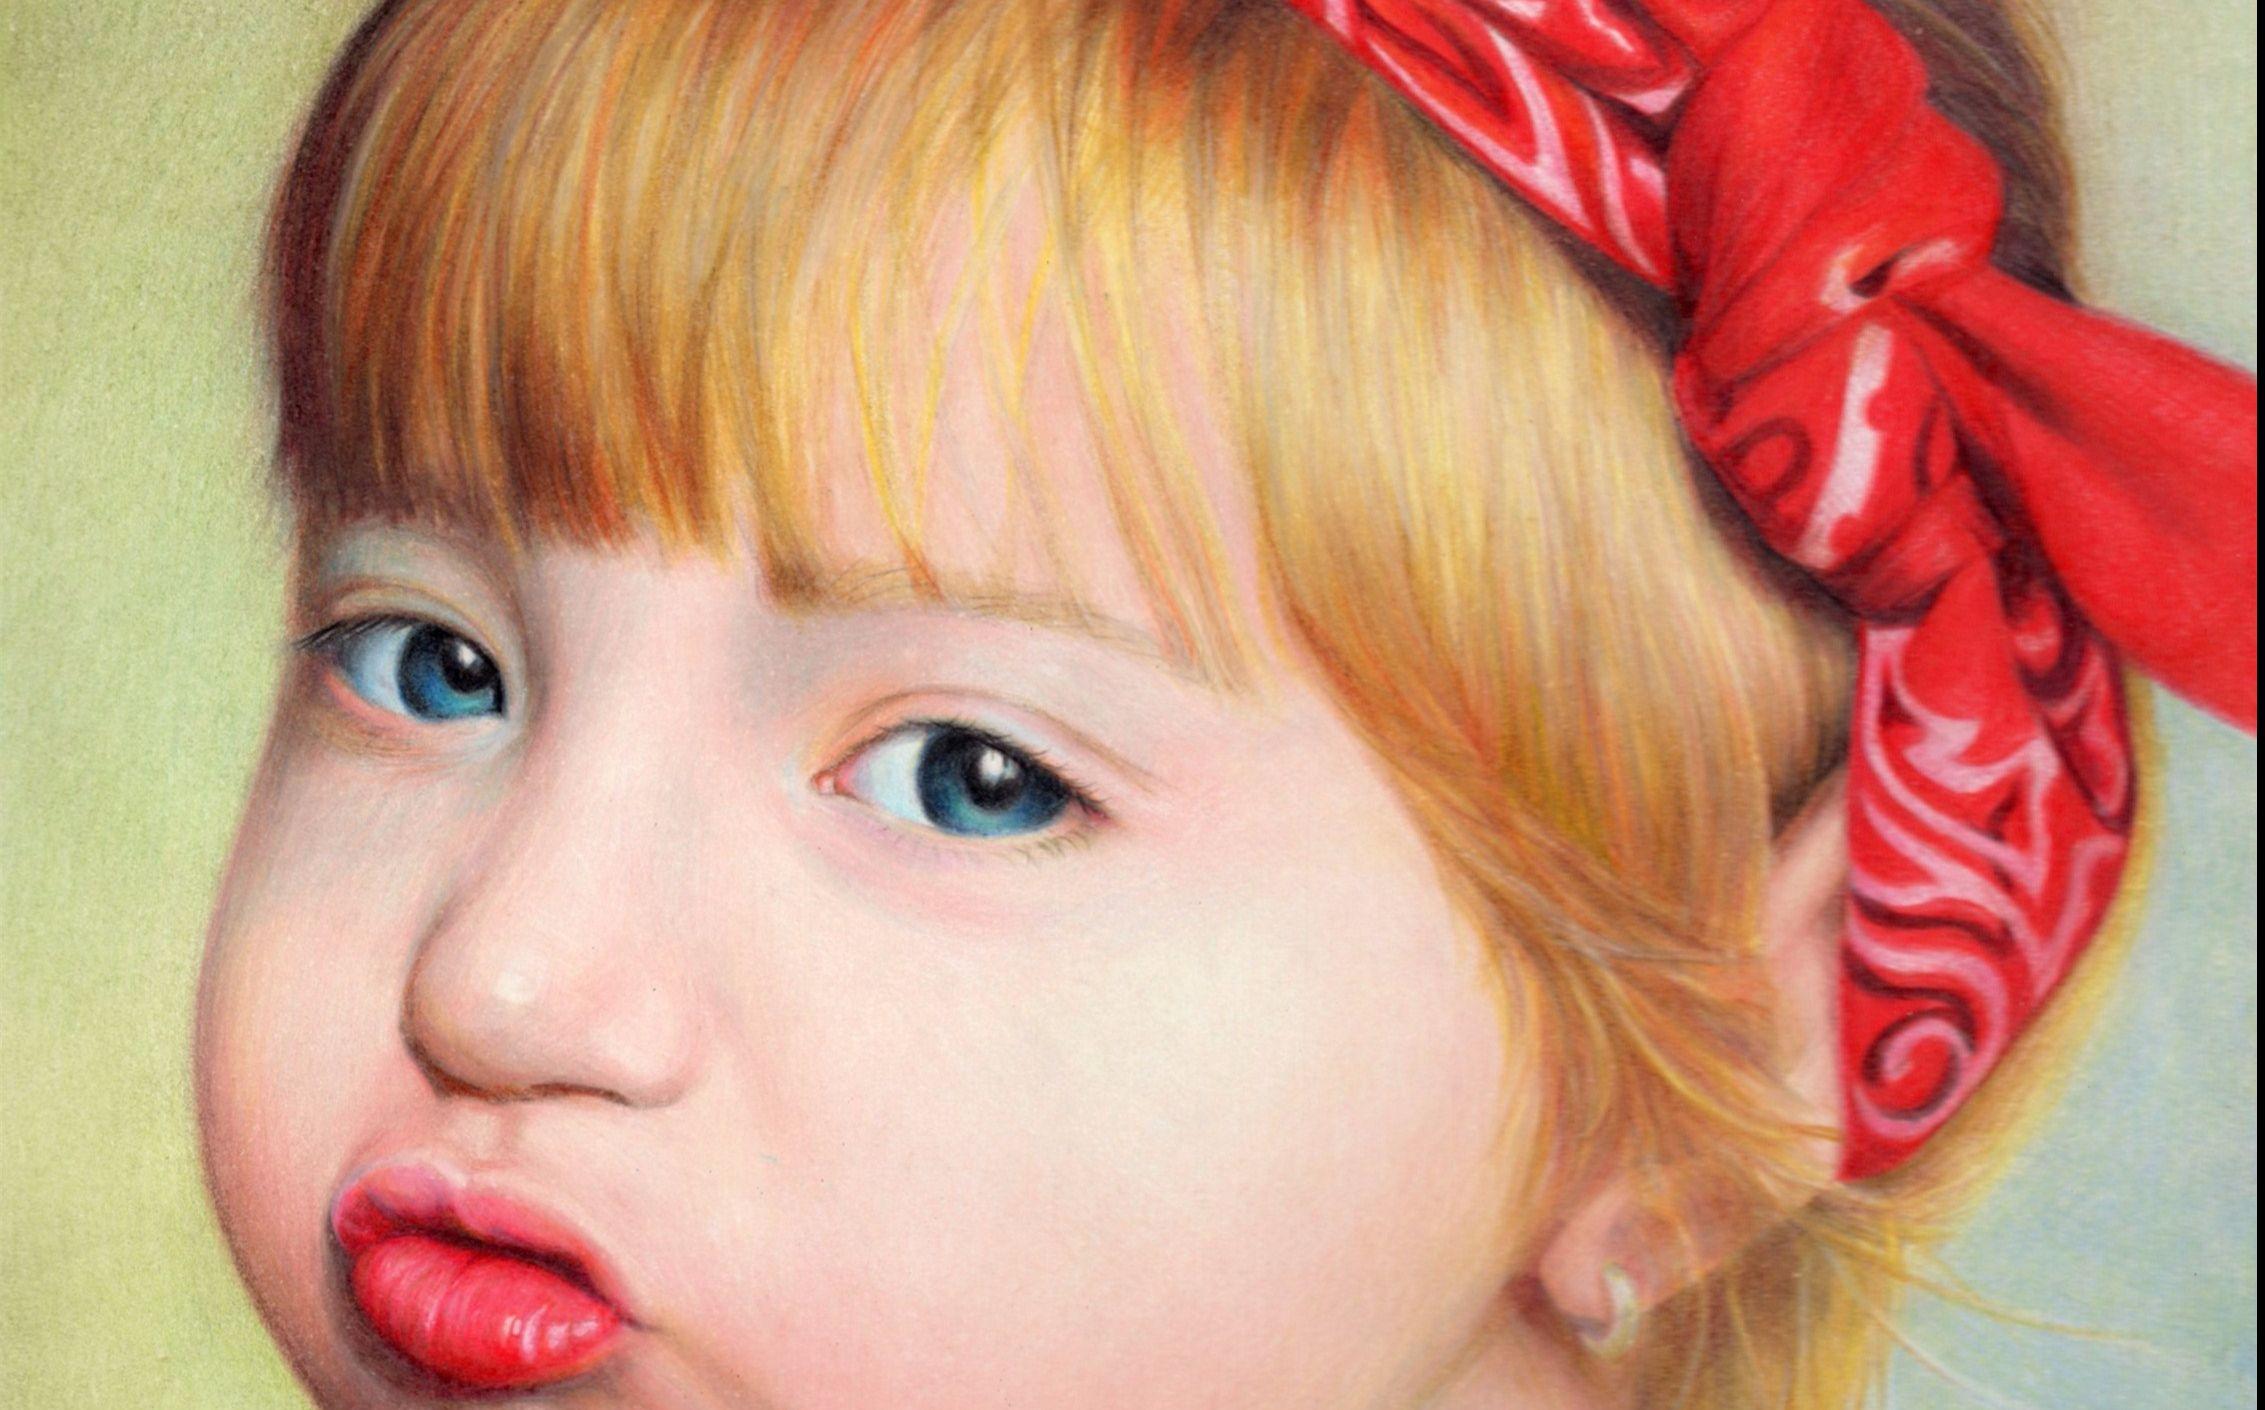 小女孩幼鲍_彩铅画小女孩(人物头像教程)